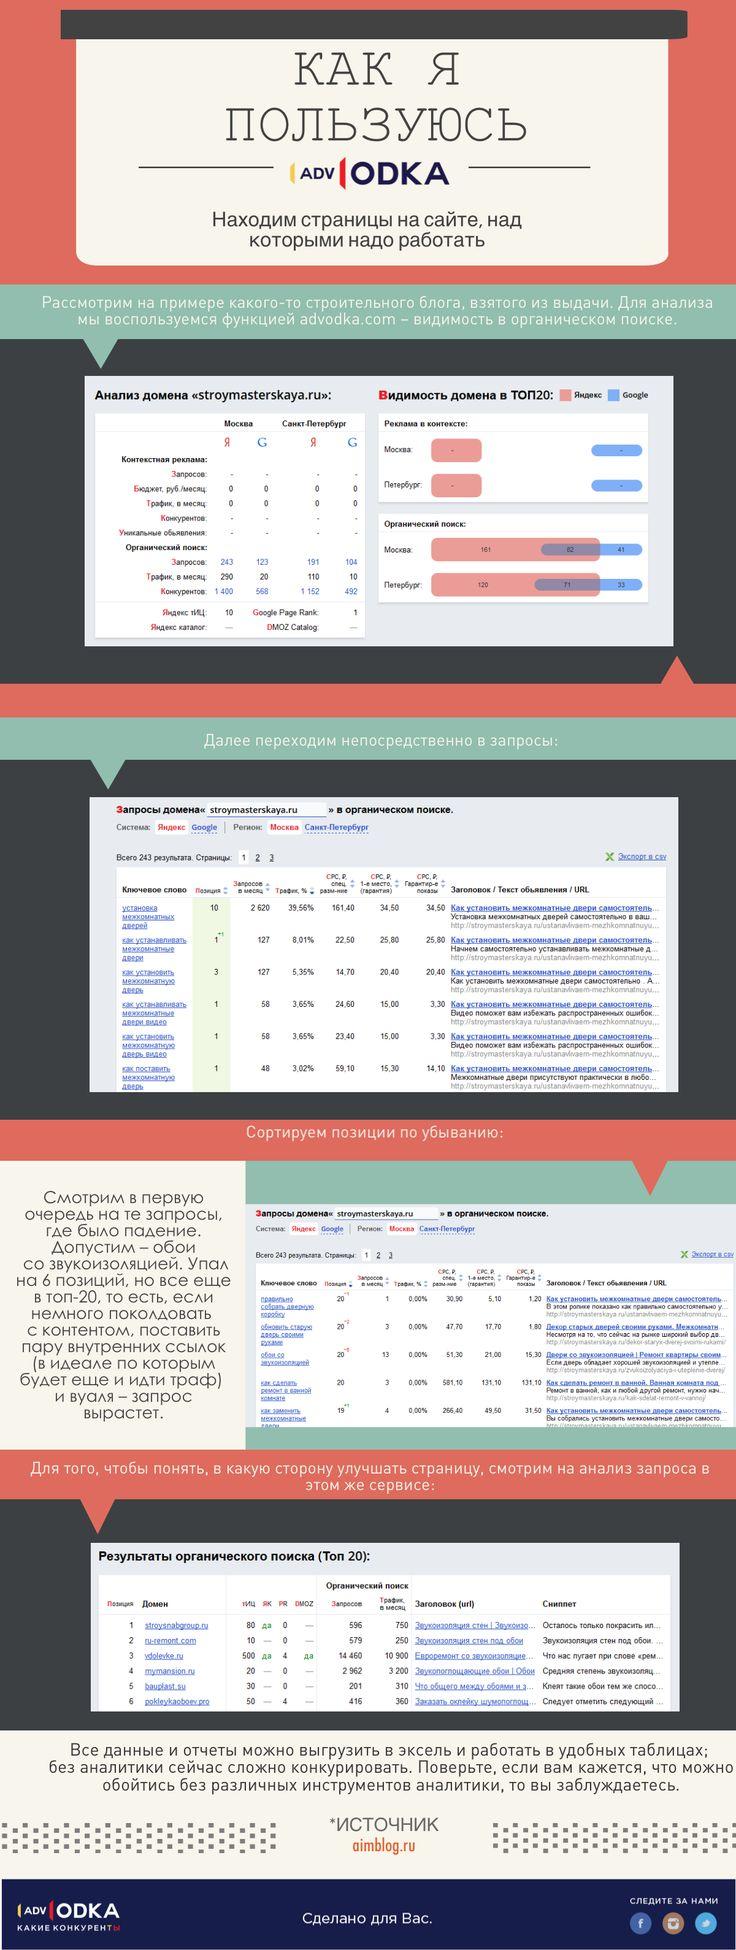 Как я пользуюсь #advodka: сбор низкочастотных запросов. #seo #marketing #business #social #content #education #website #web #analytics #продвижение #сайт